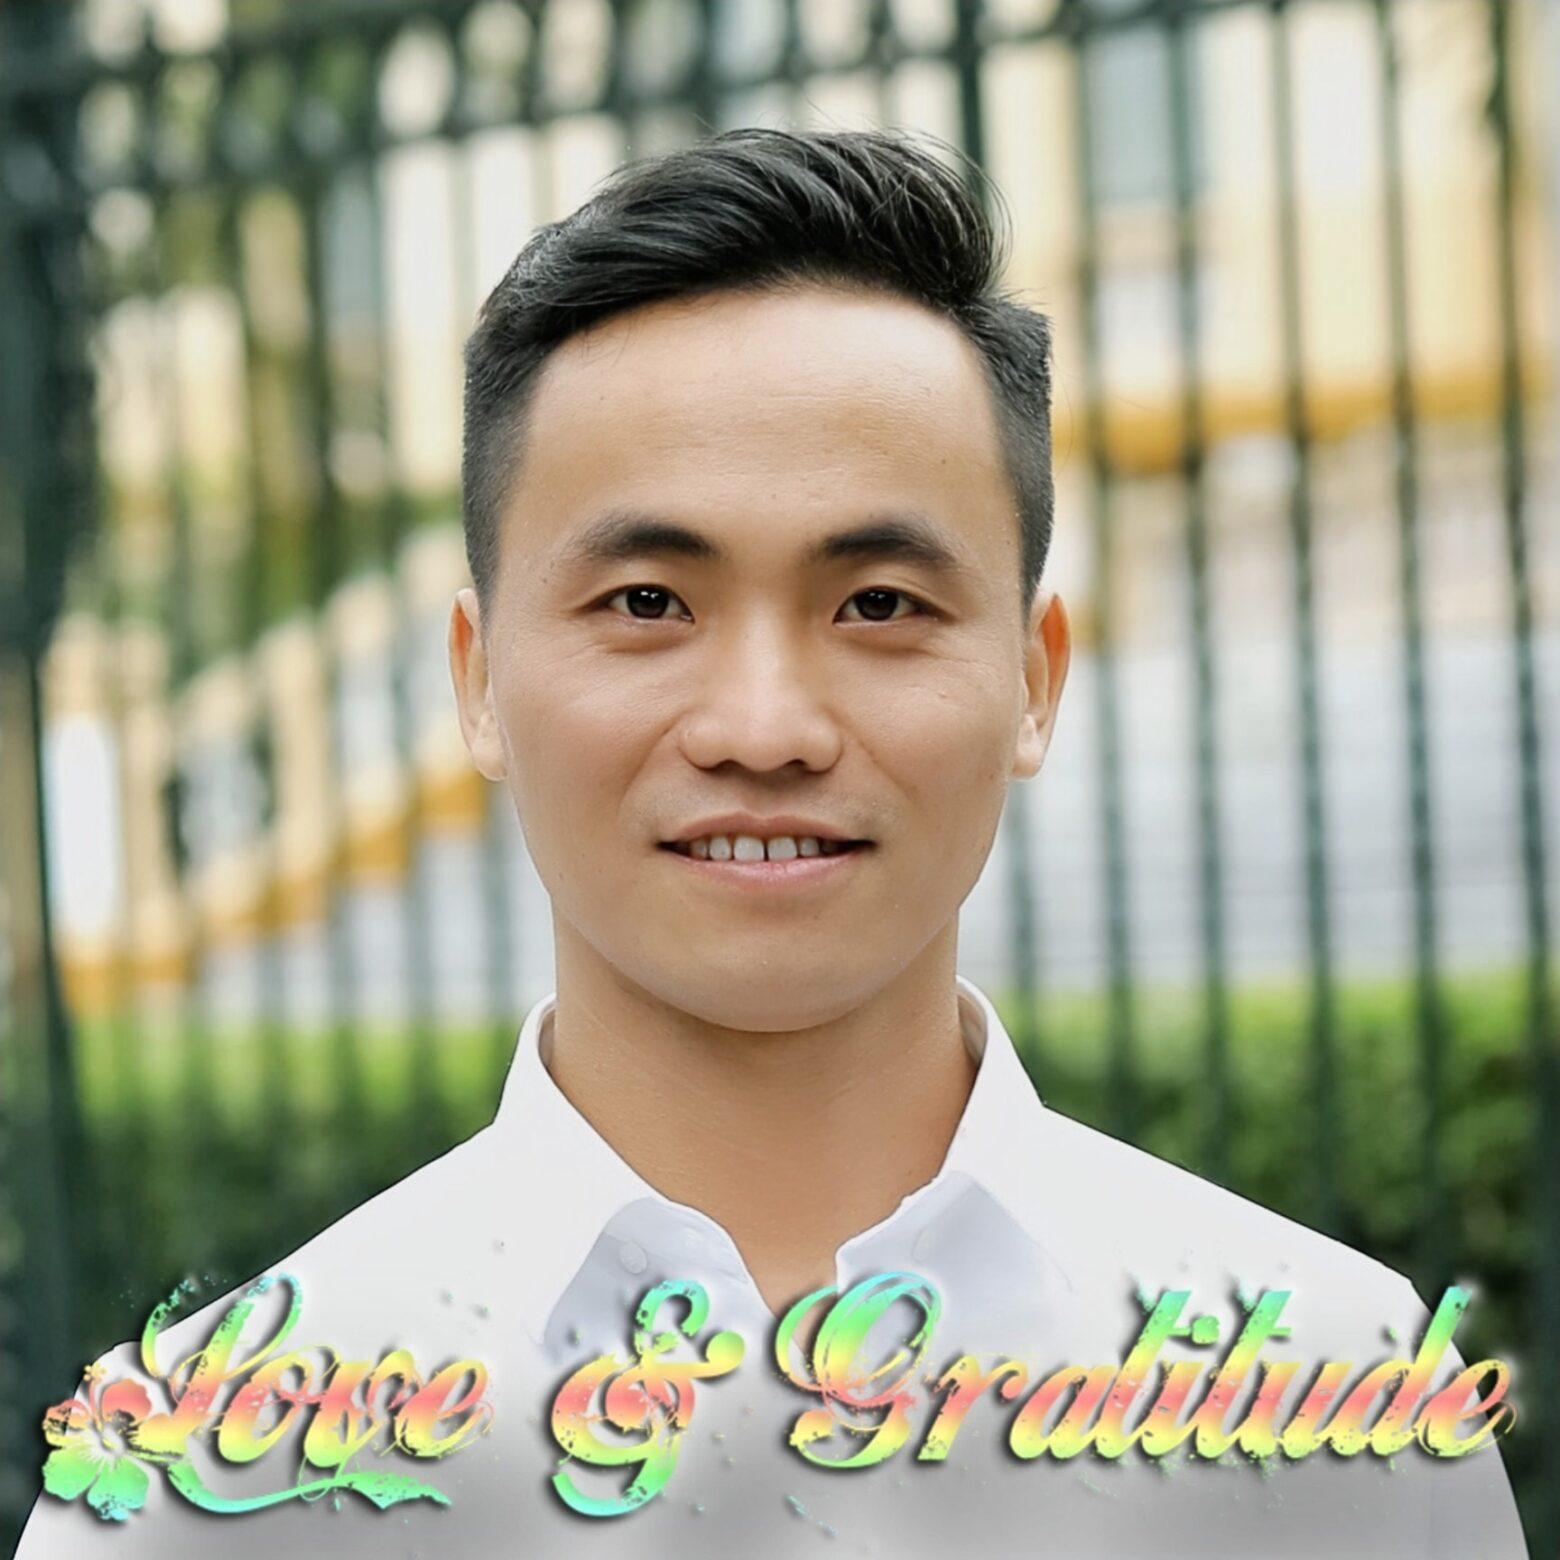 Vũ Ngọc Thọ – happy to help 7